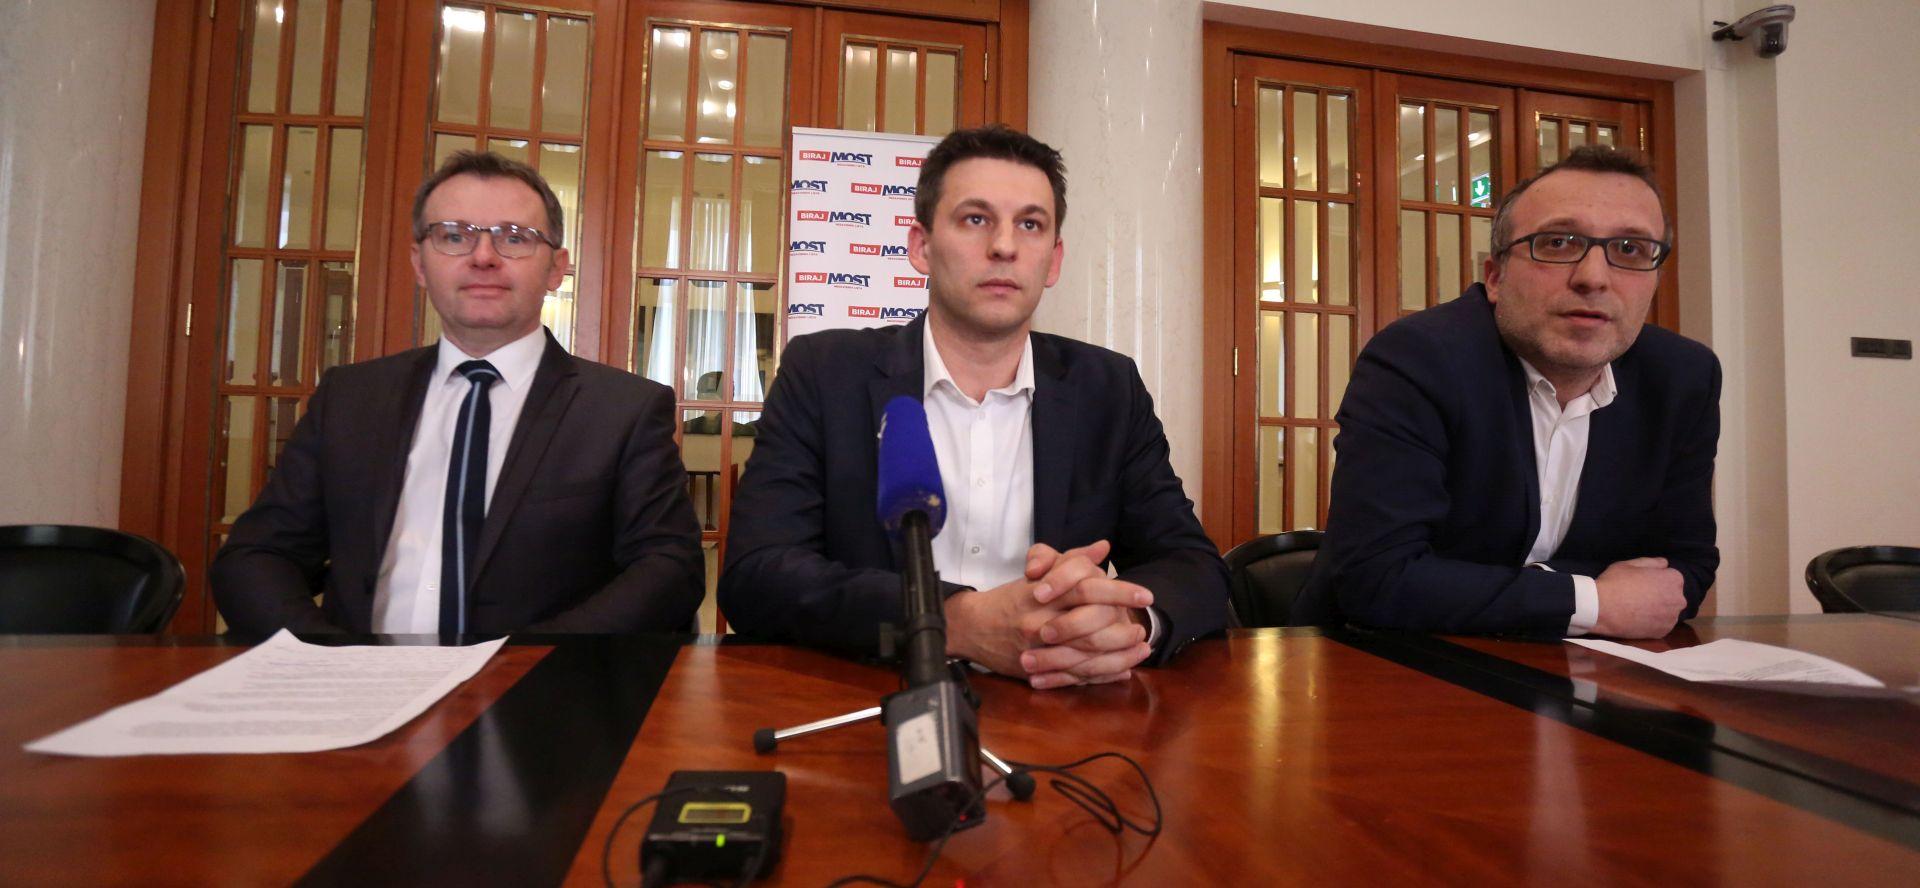 Objavljen Mostov nacrt prijedloga za opoziv Martine Dalić